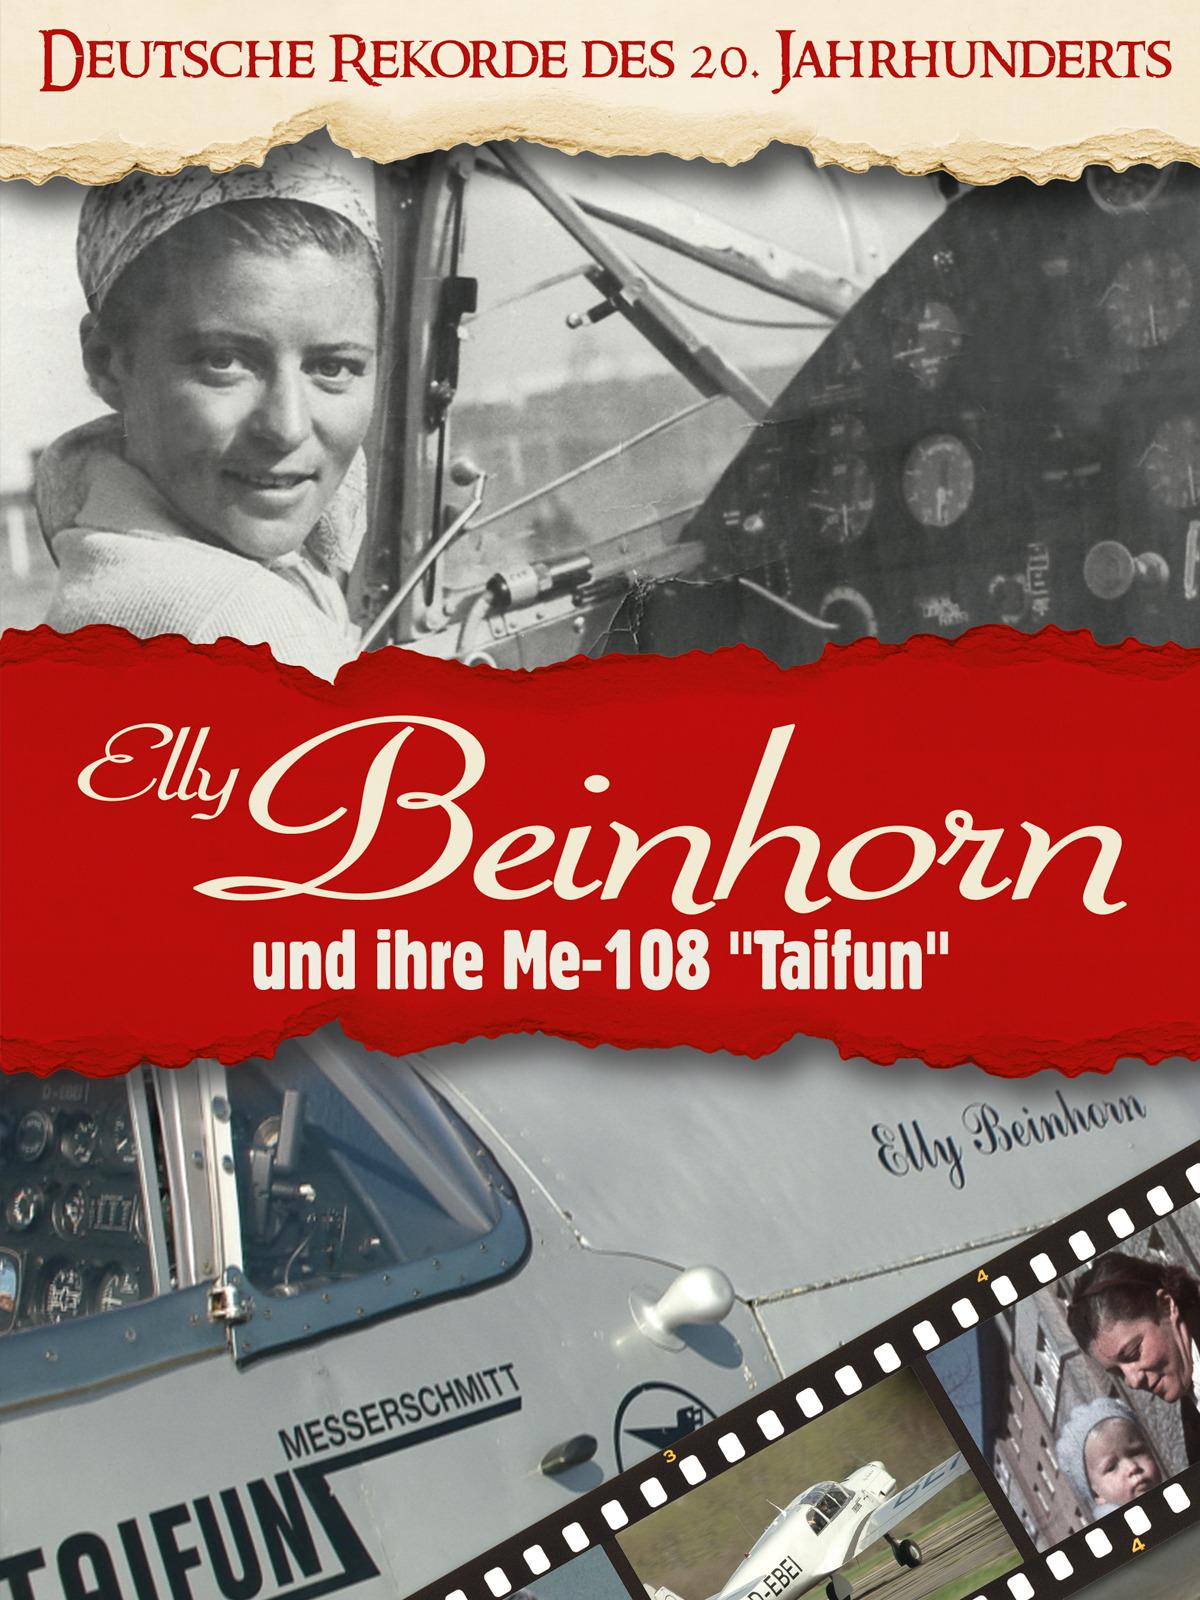 Deutsche Rekorde des 20. Jahrhunderts - Elly Beinhorn und ihre ME-108 Taifun